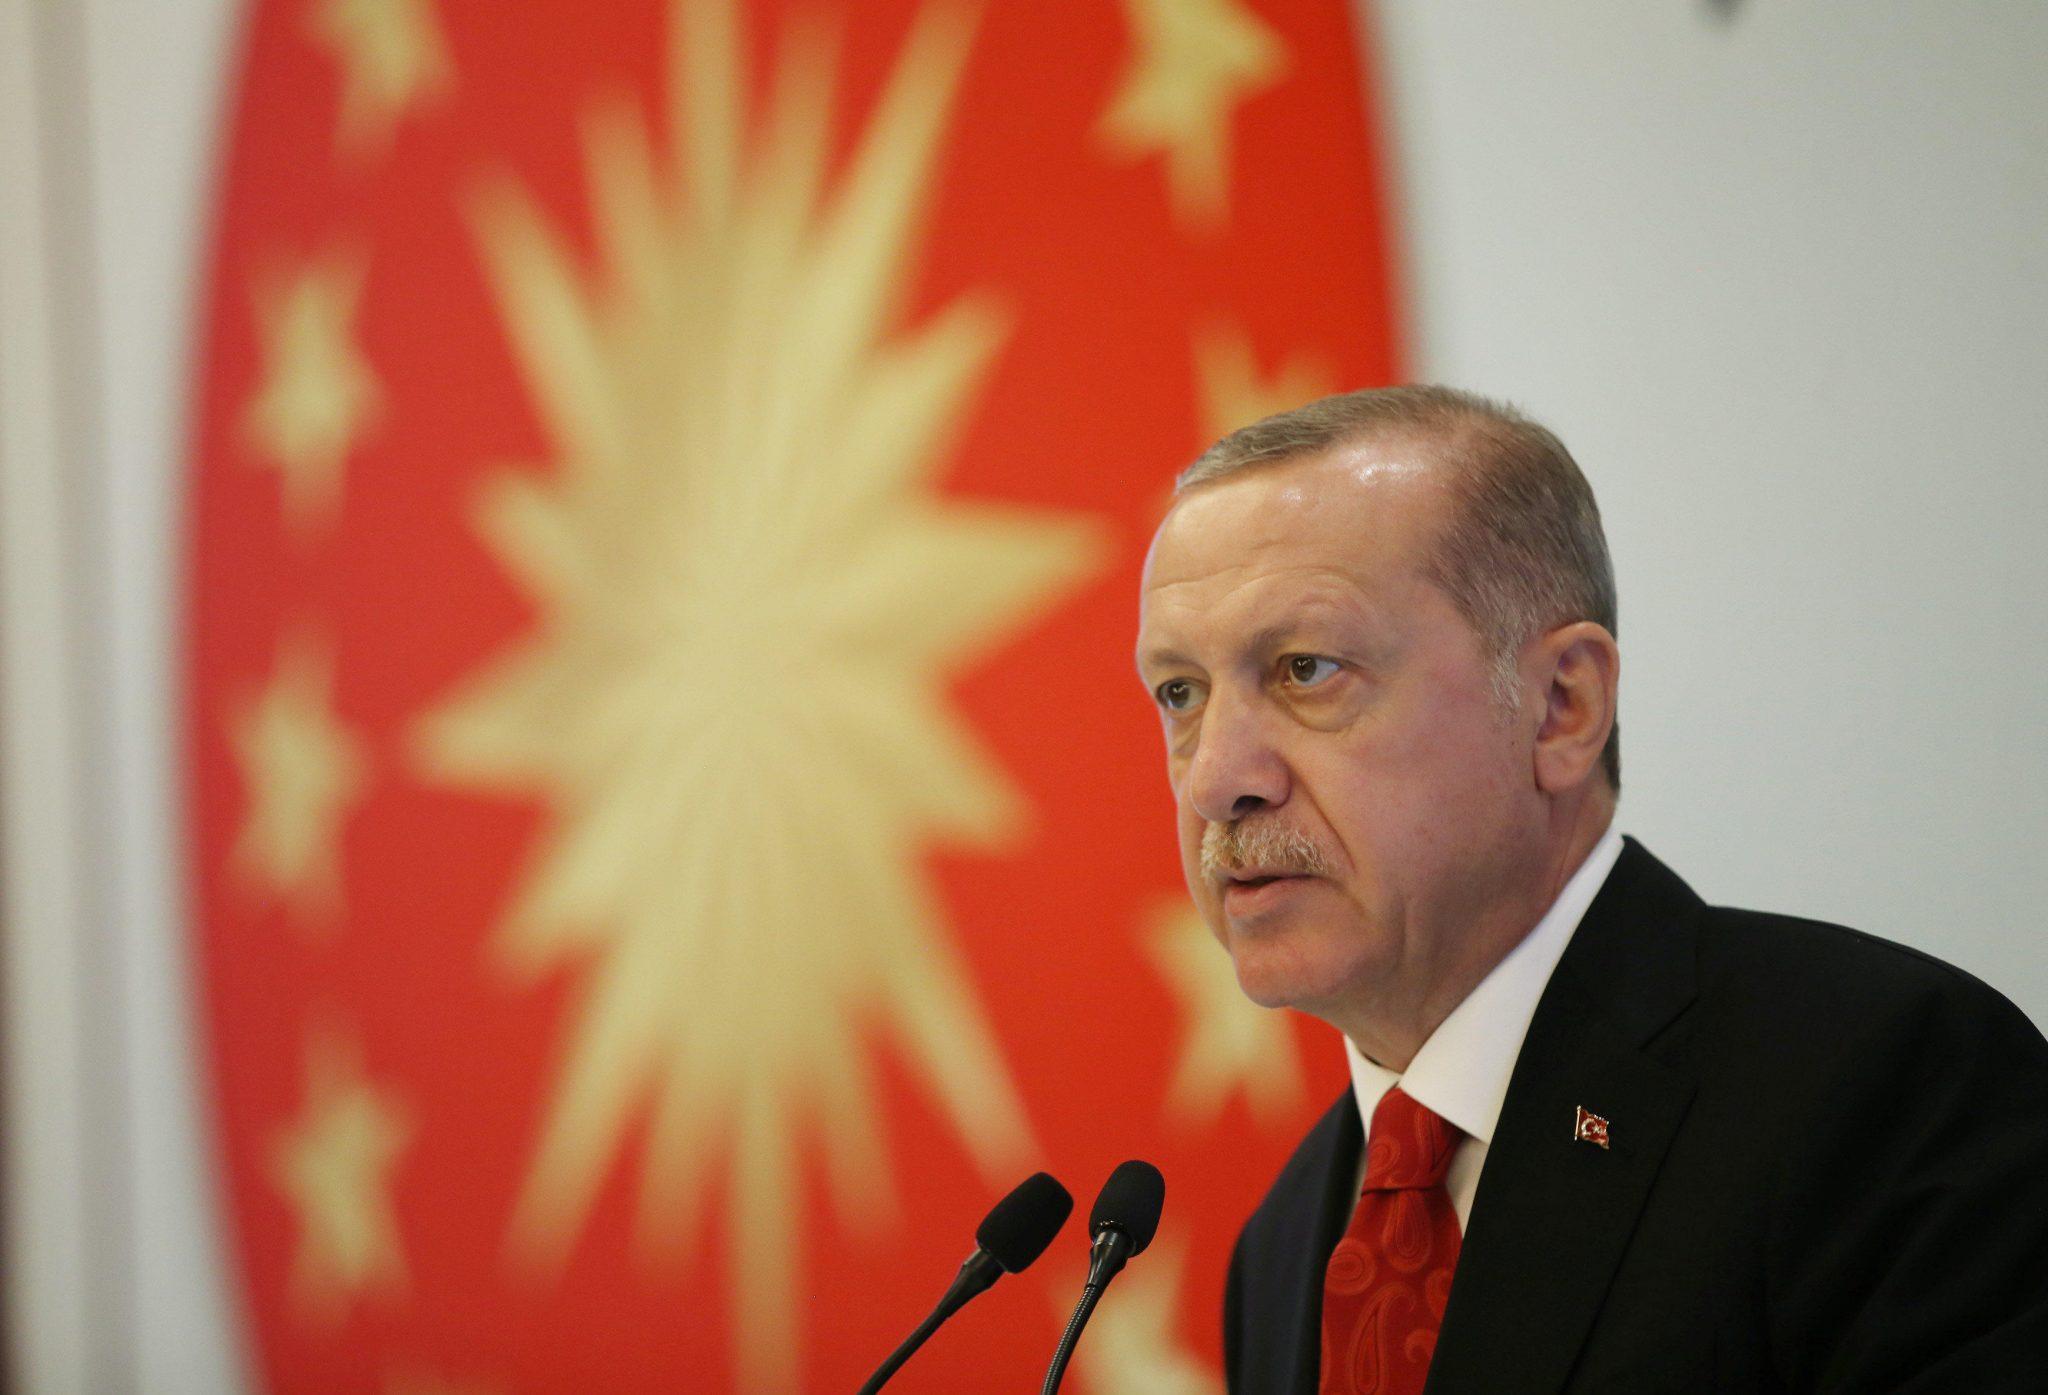 صورة صحفي تركي شـ.ـهير: أيّ زعيـ.ـم يدعمه أردوغان تزيد قـ.ـوته والعكس صحيح